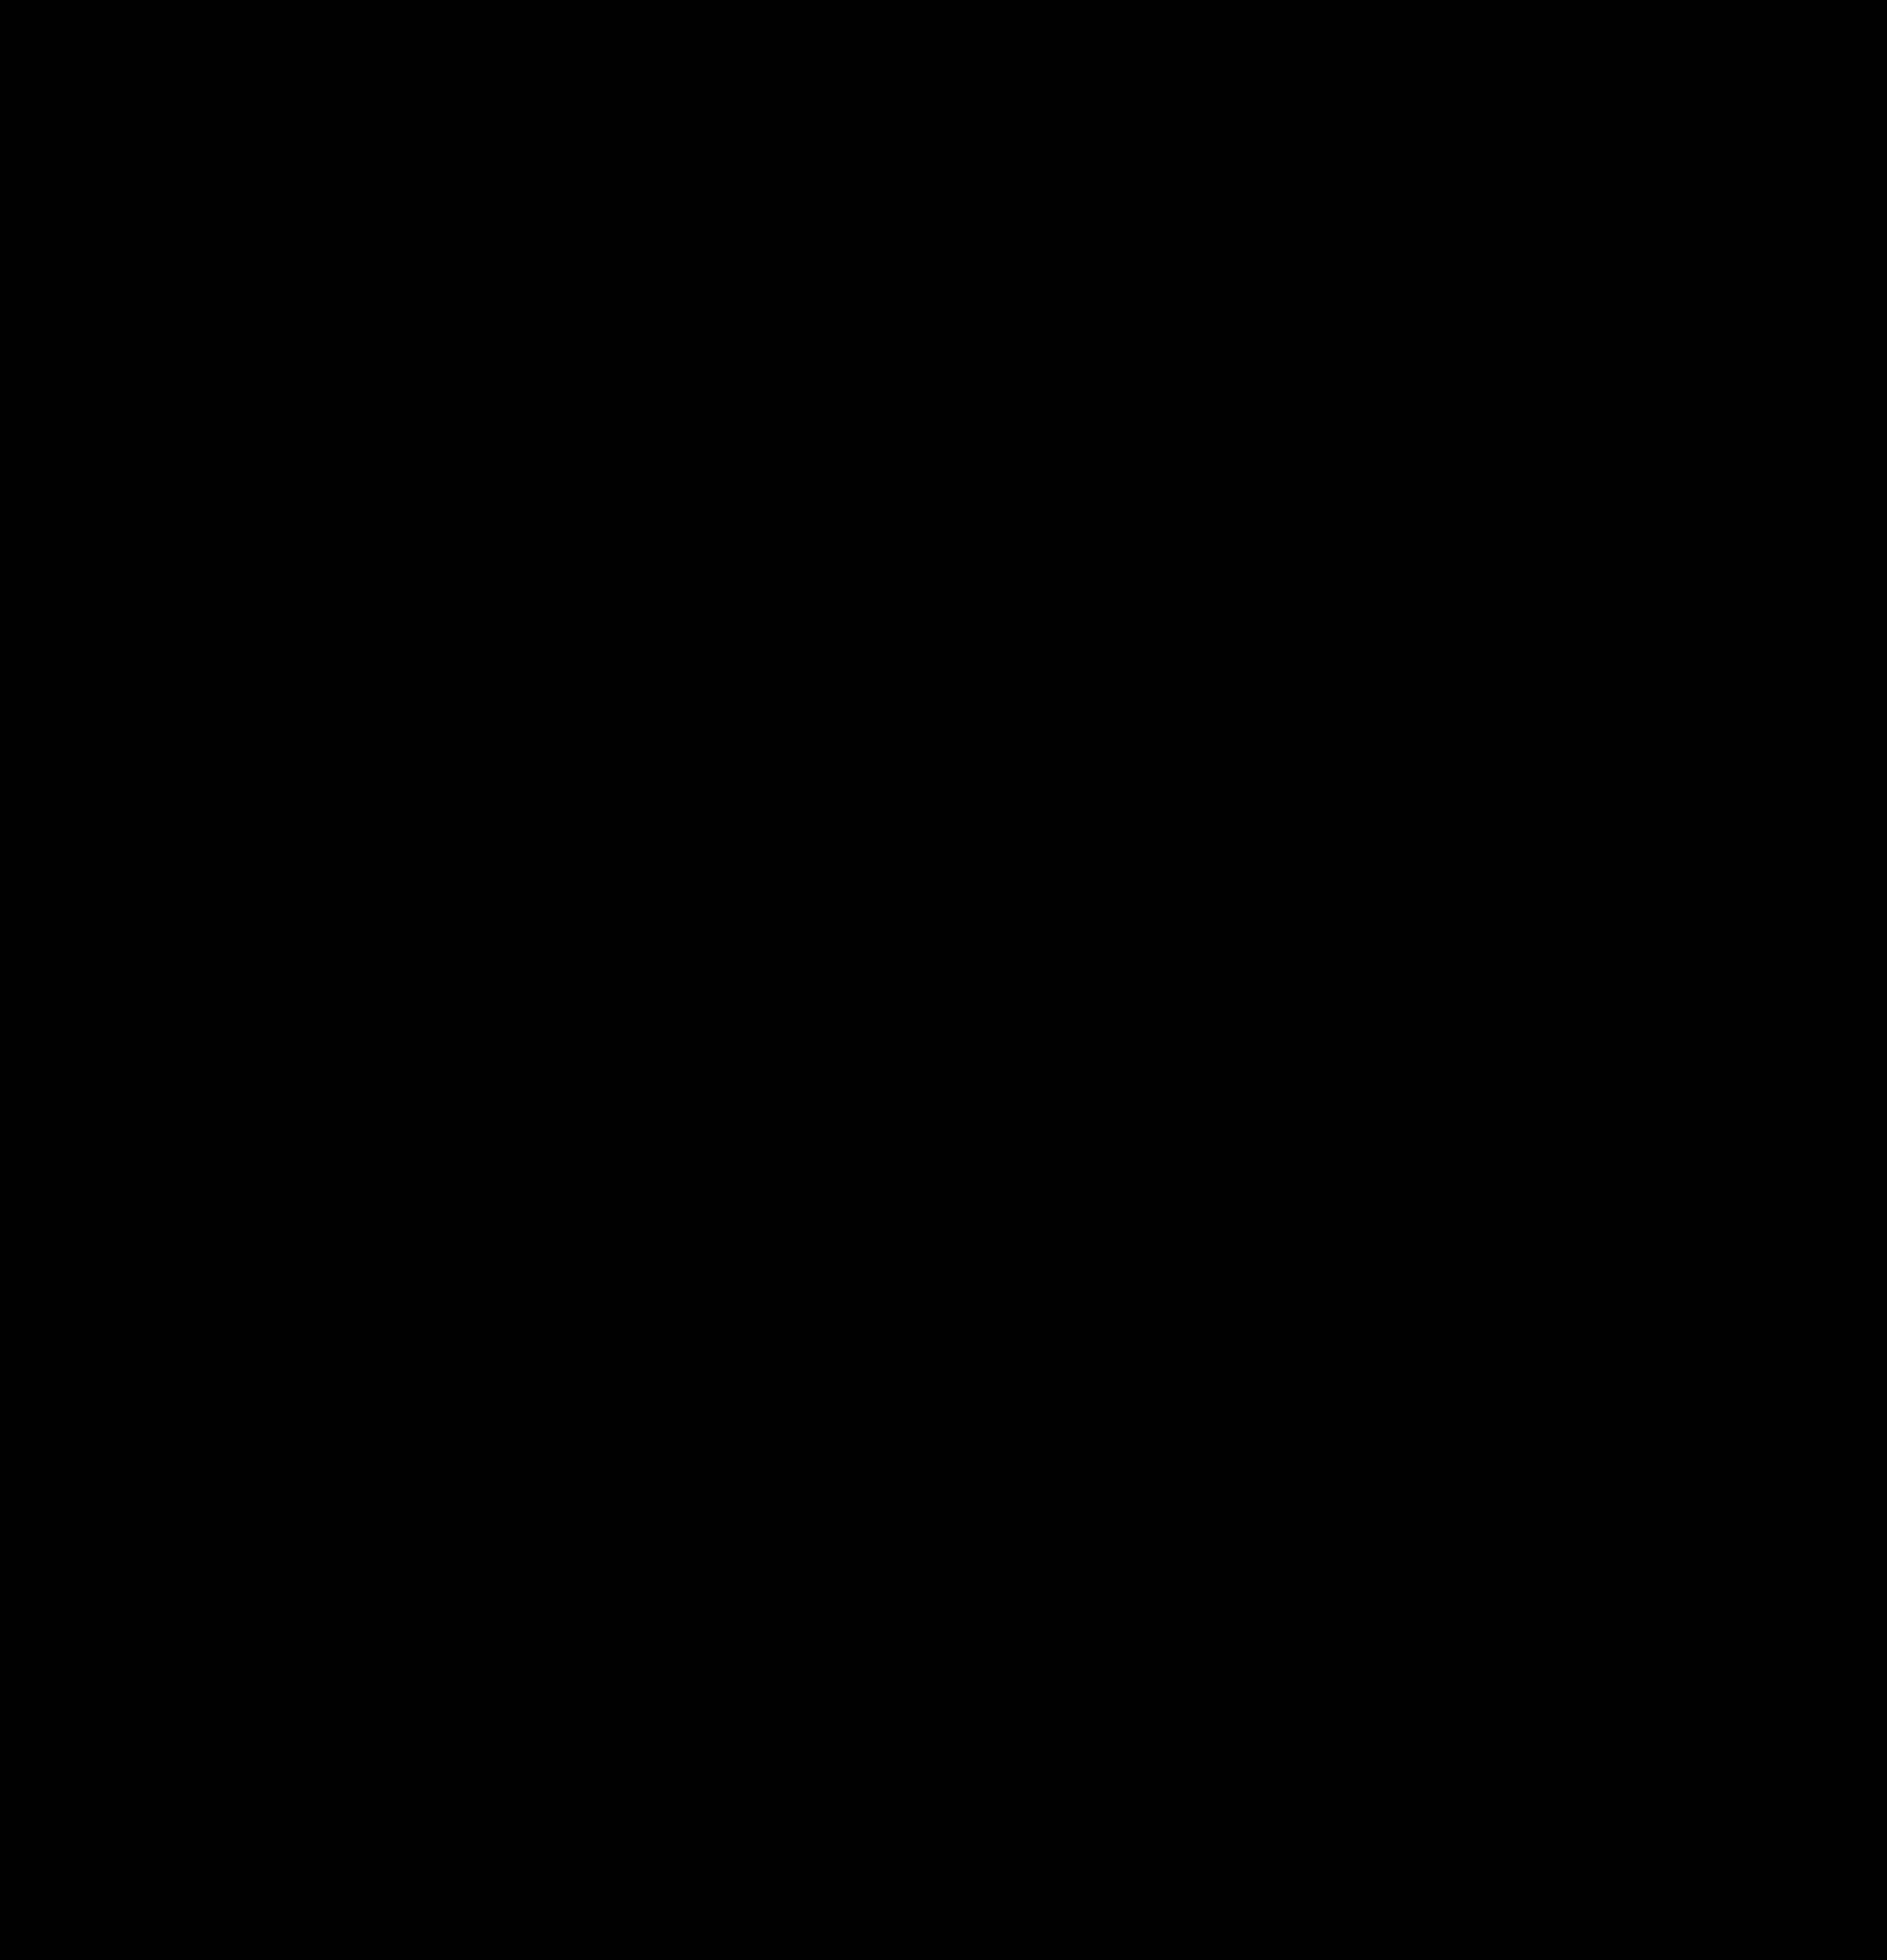 Neobrand N Letter Logo Logo Design Neobrand N Letter Logo Files Available Are Illustrator Eps Editable N Logo Design Logo Design Art Letter Logo Design